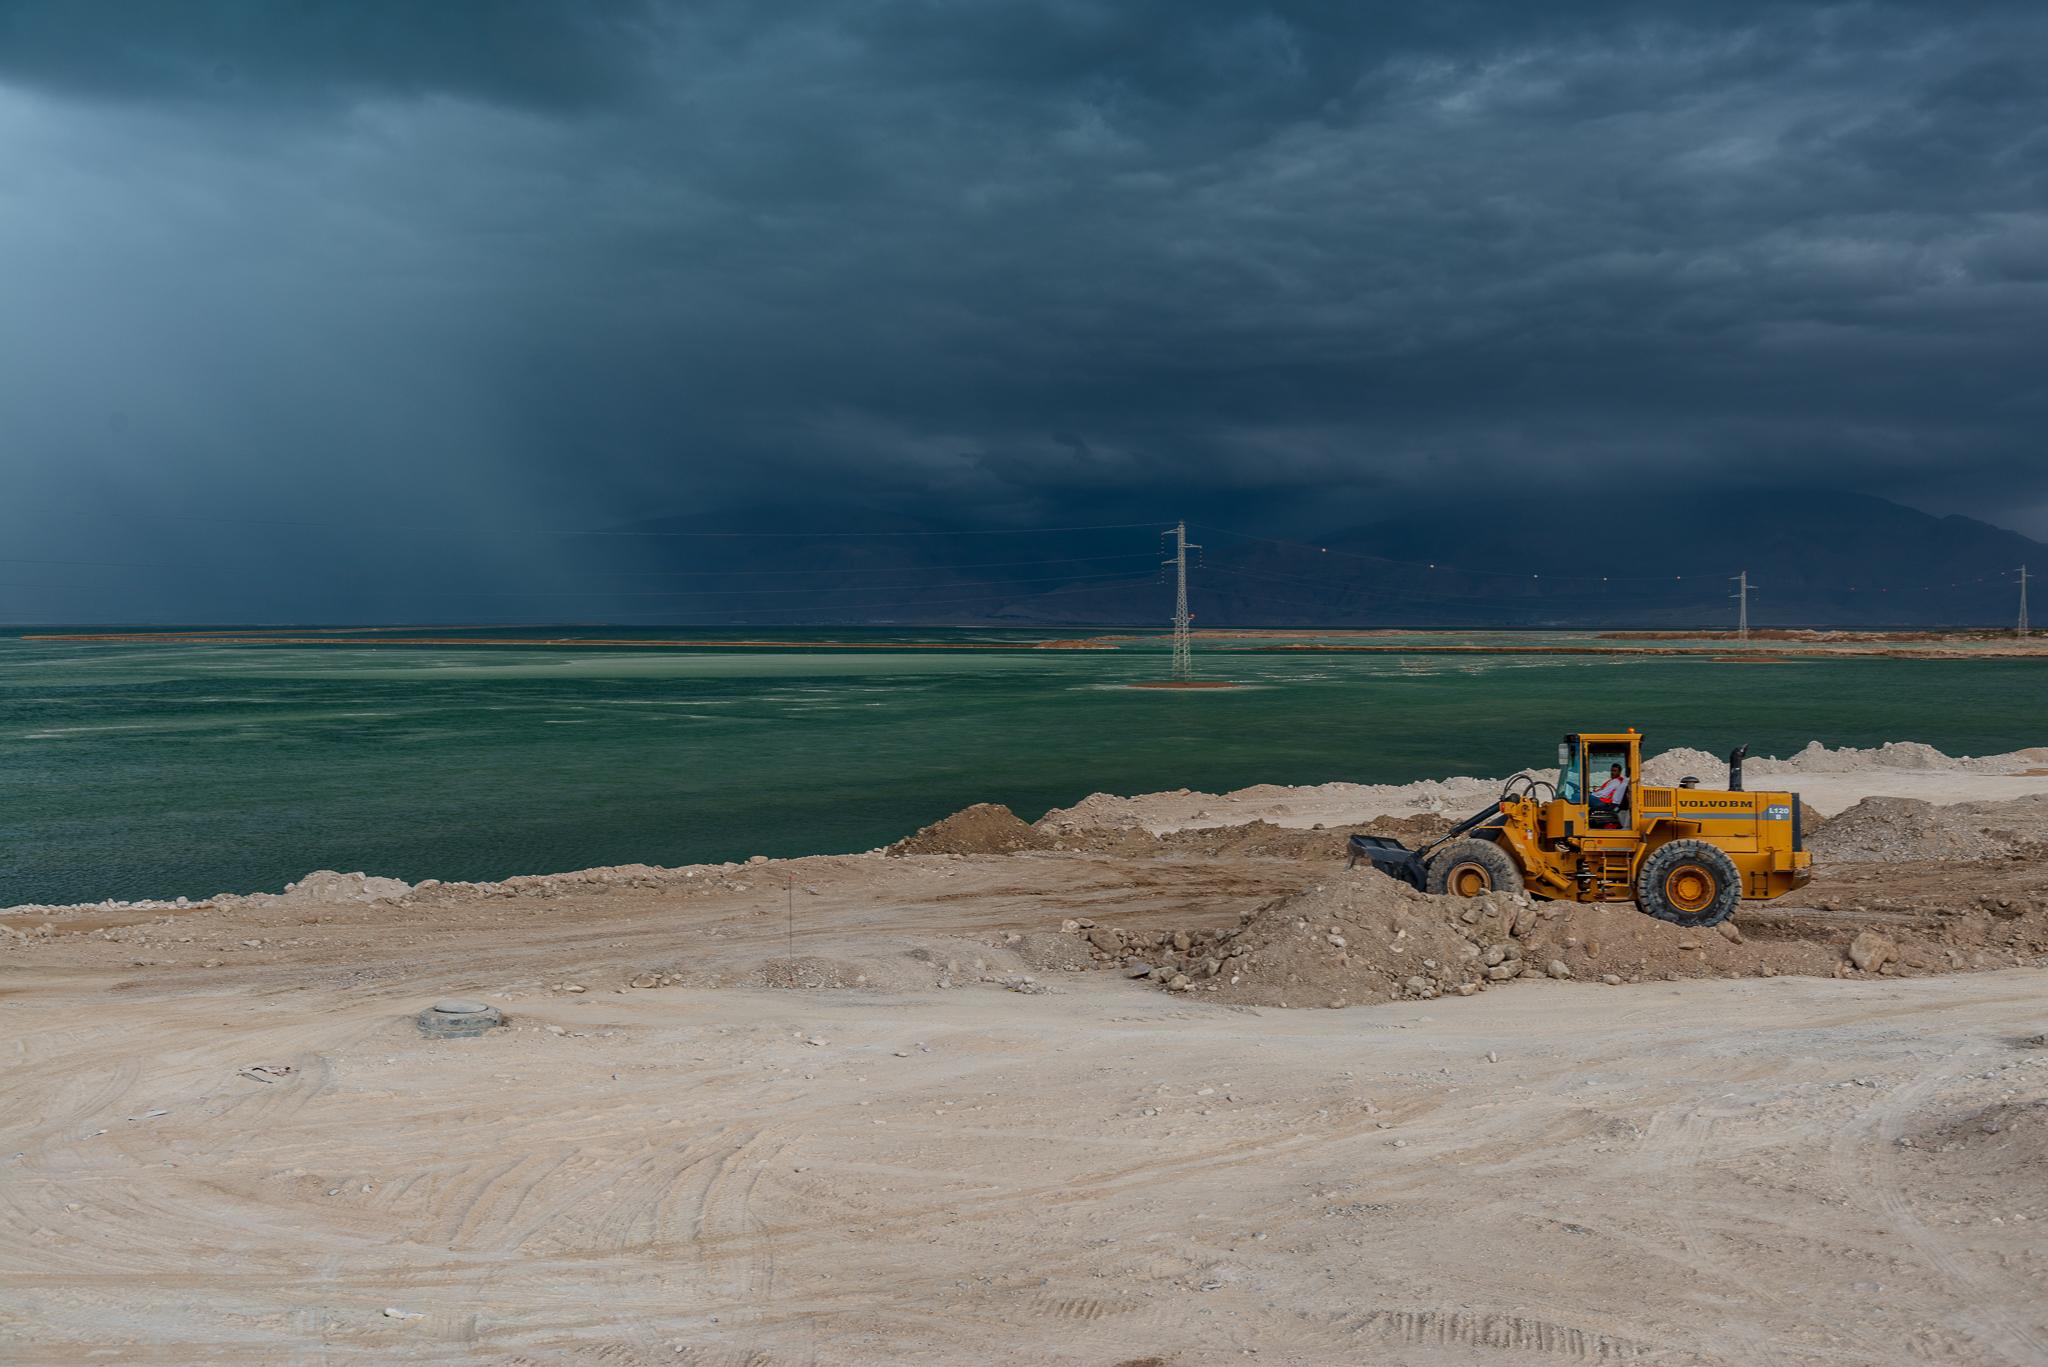 Żółty spychacz nad Morzem Martwym